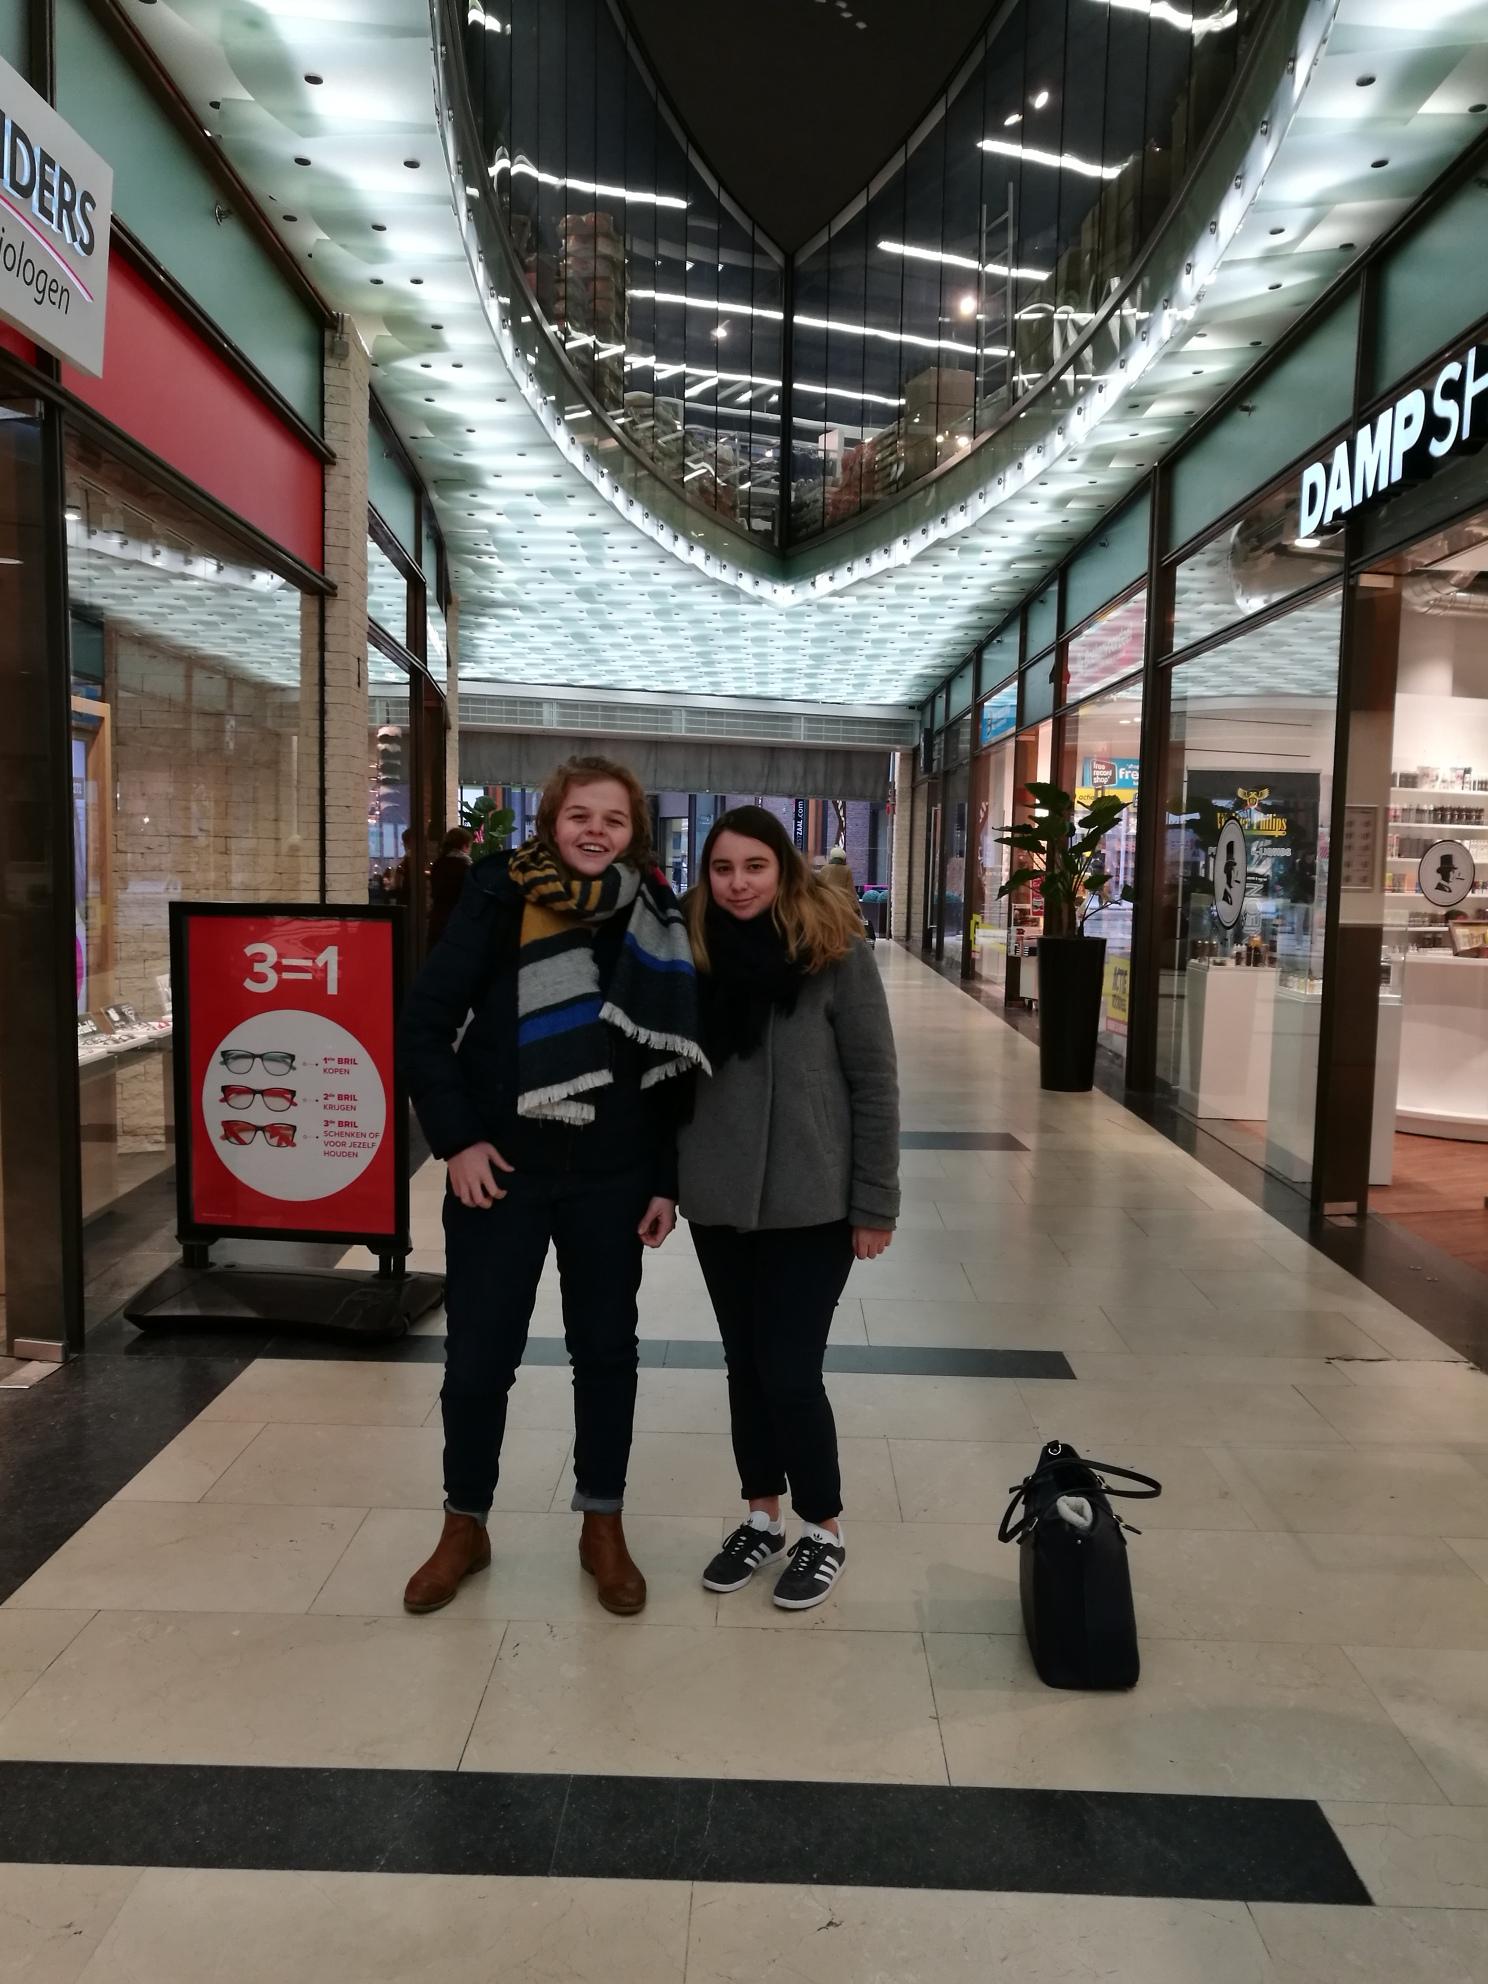 Twee jongeren op straat